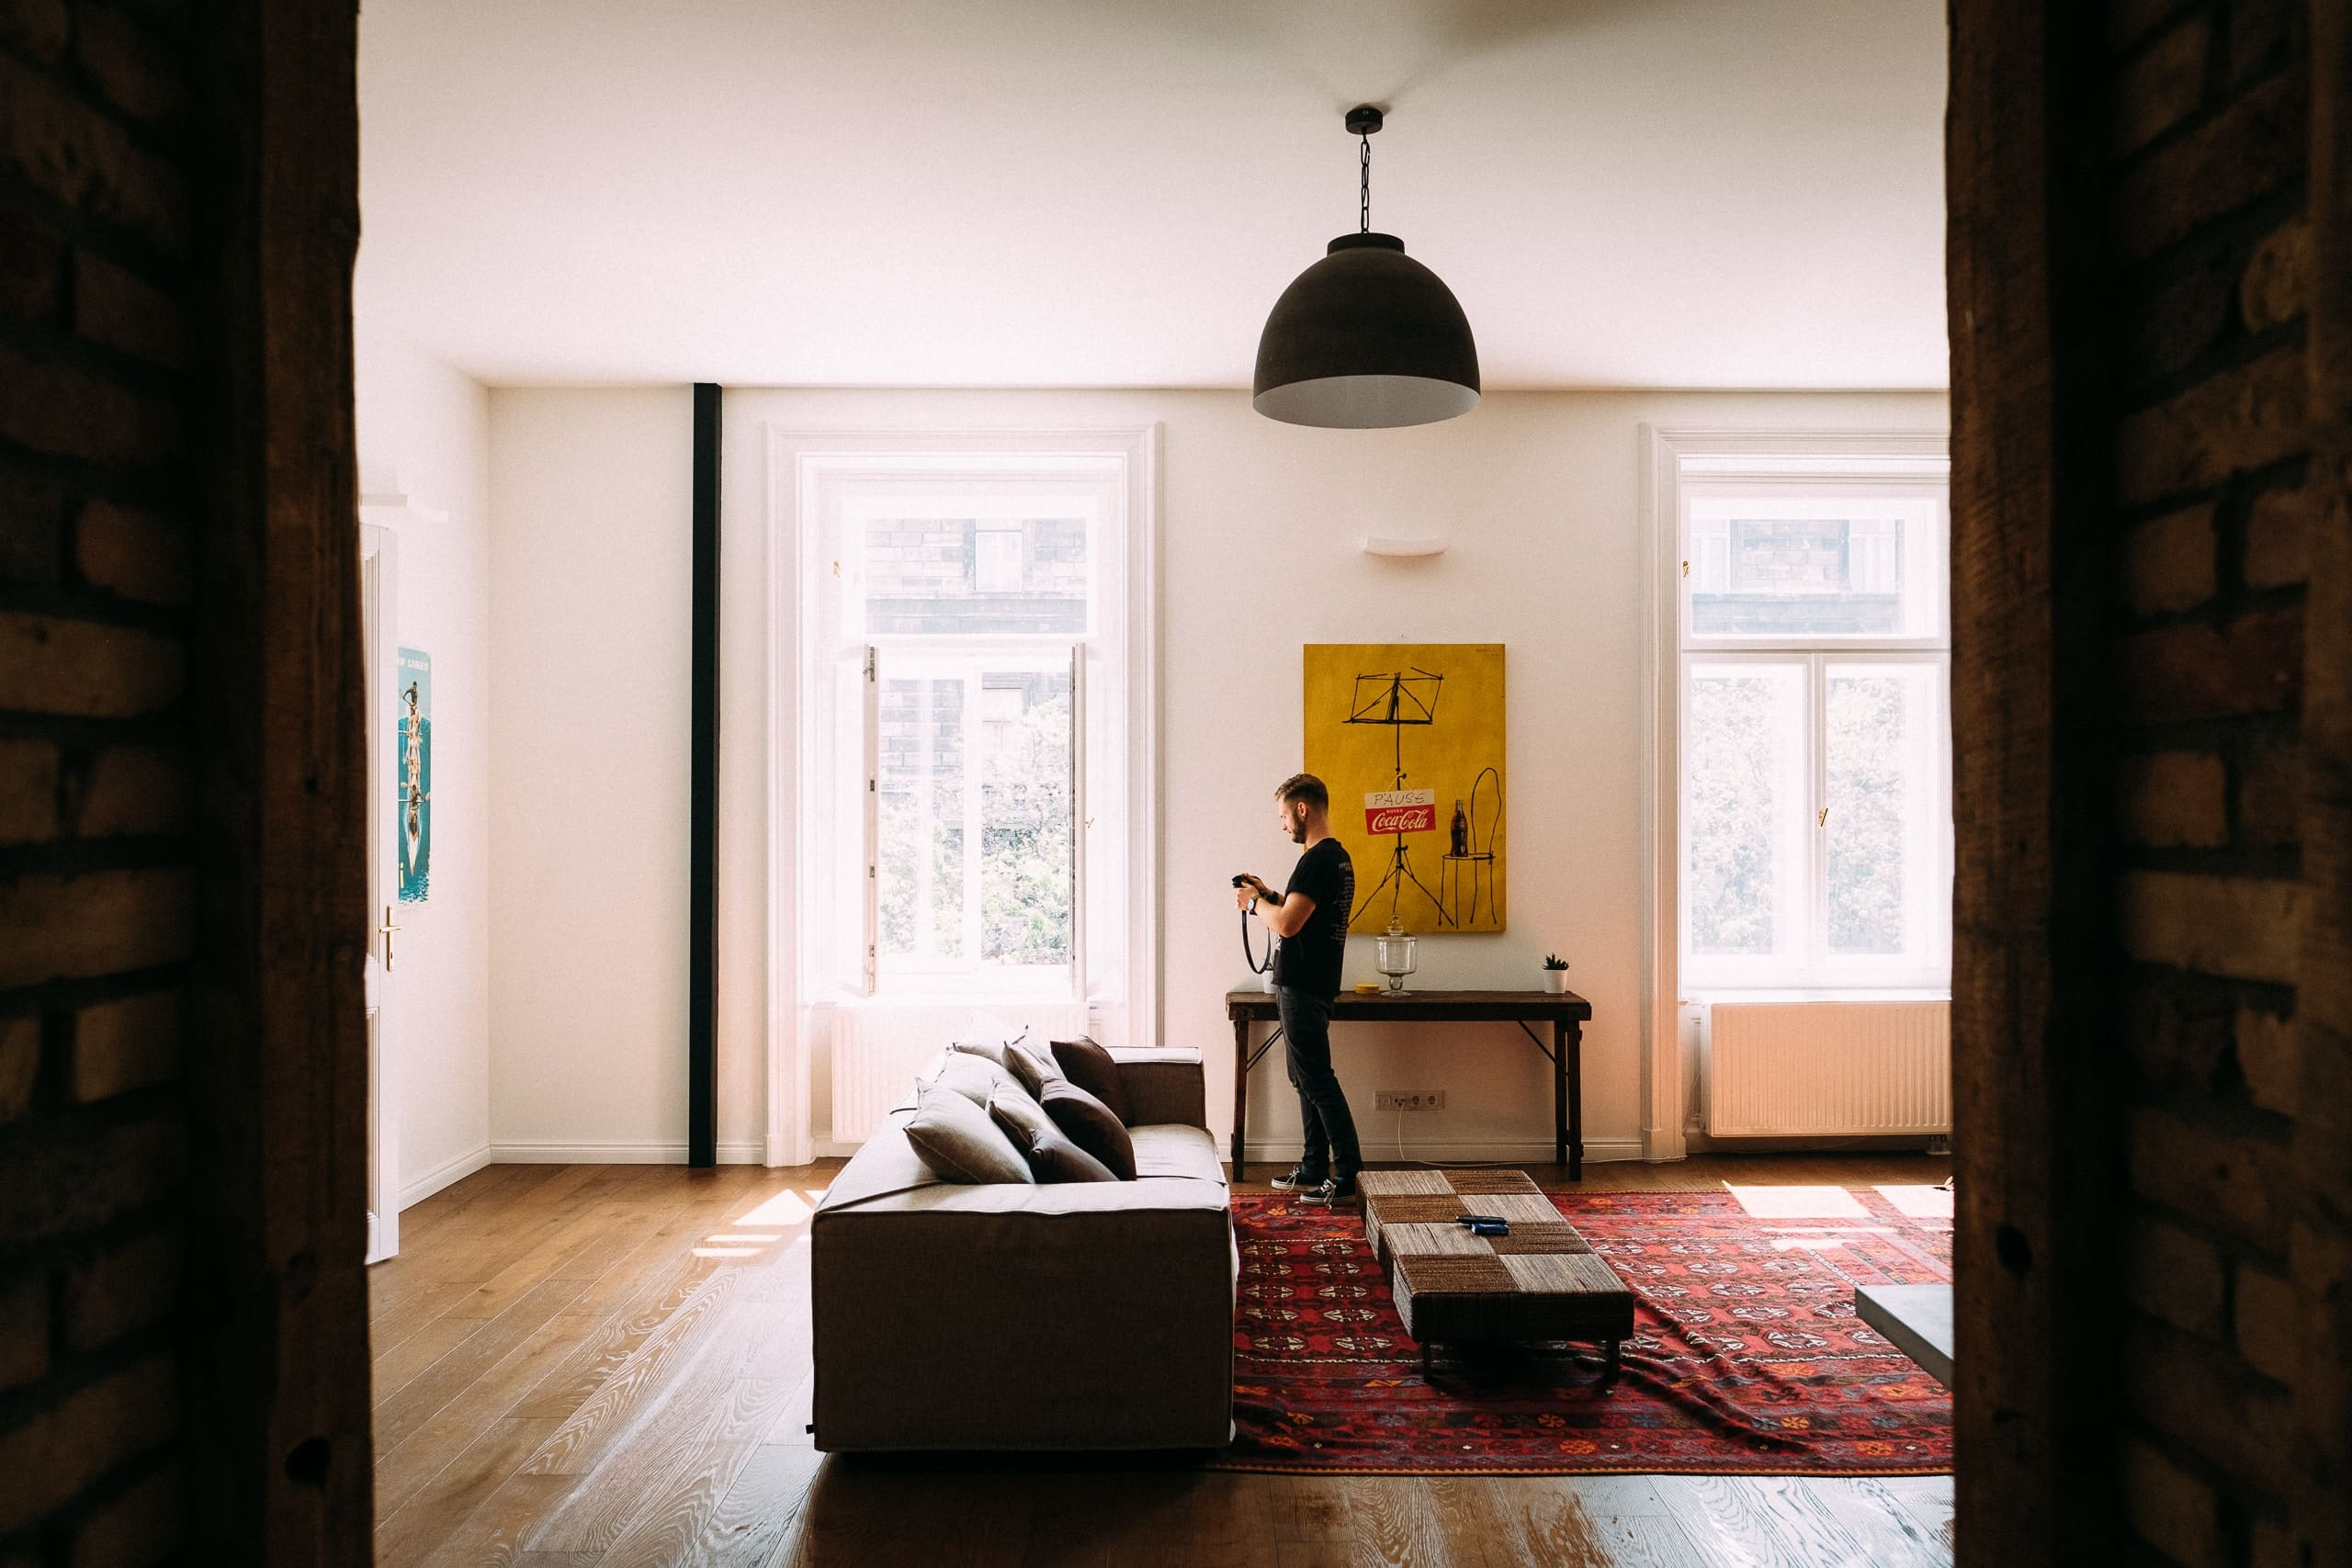 airbnb superhosts